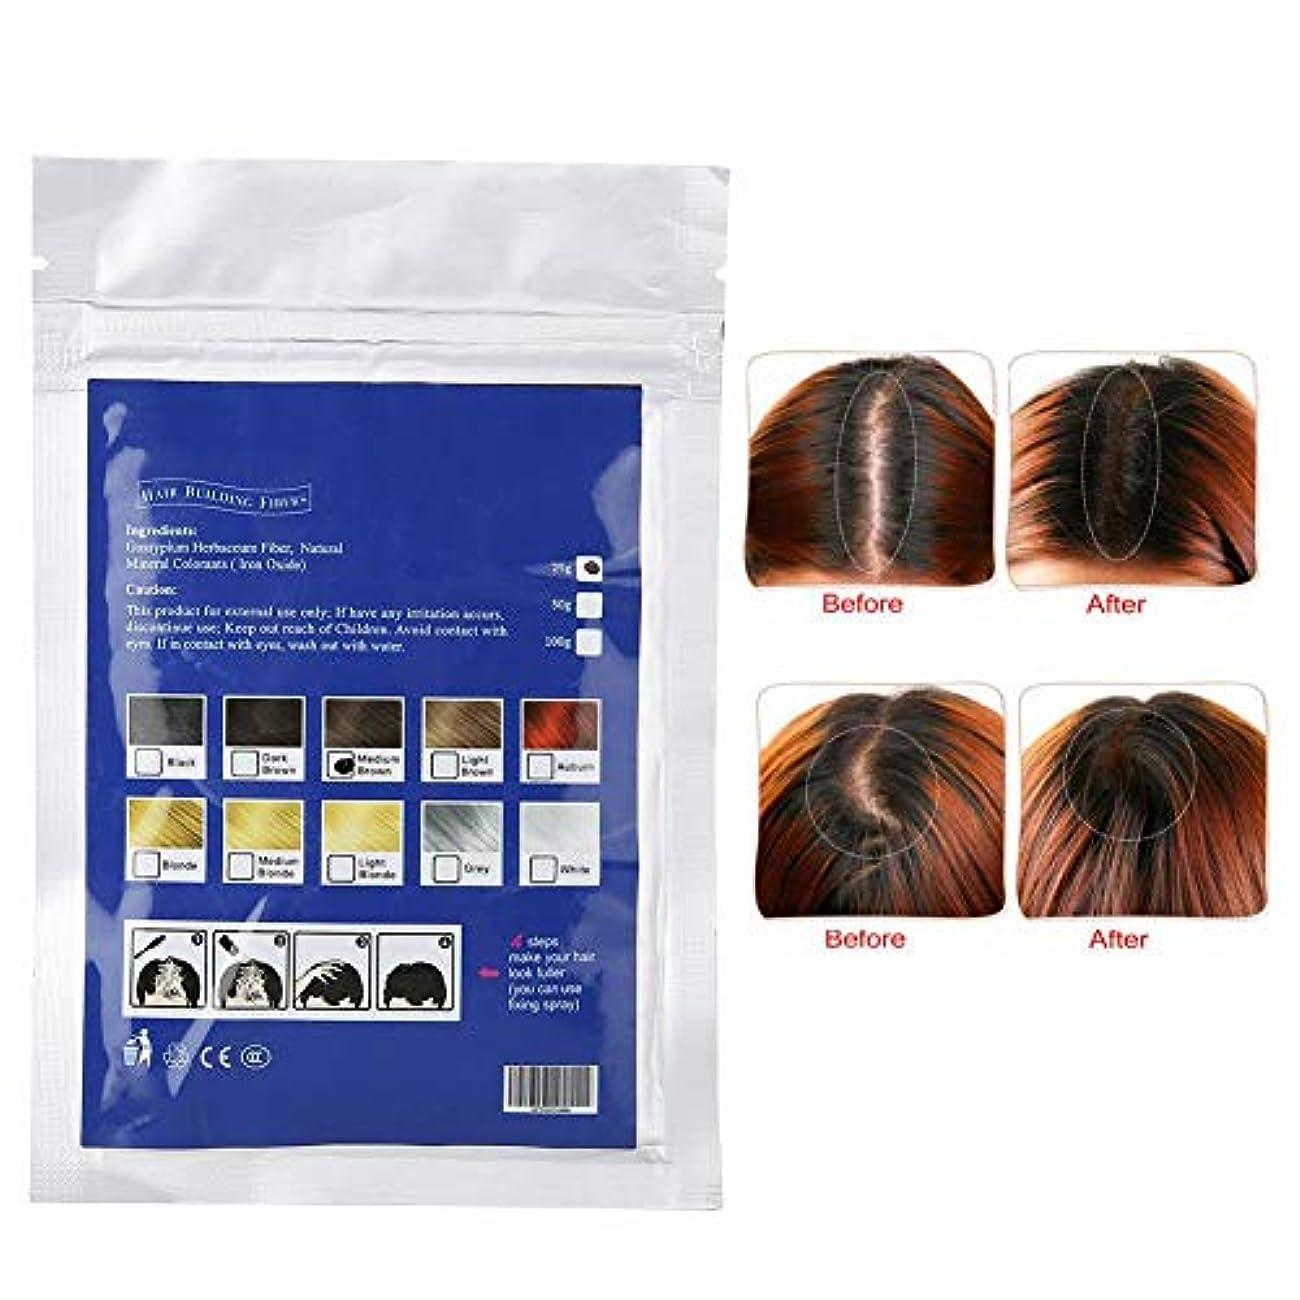 イベントキノコ植物のヘアフィラー、ヘアボリュームパウダー、髪の根元を薄くするためのカバーアップヘアフィラー(3#)